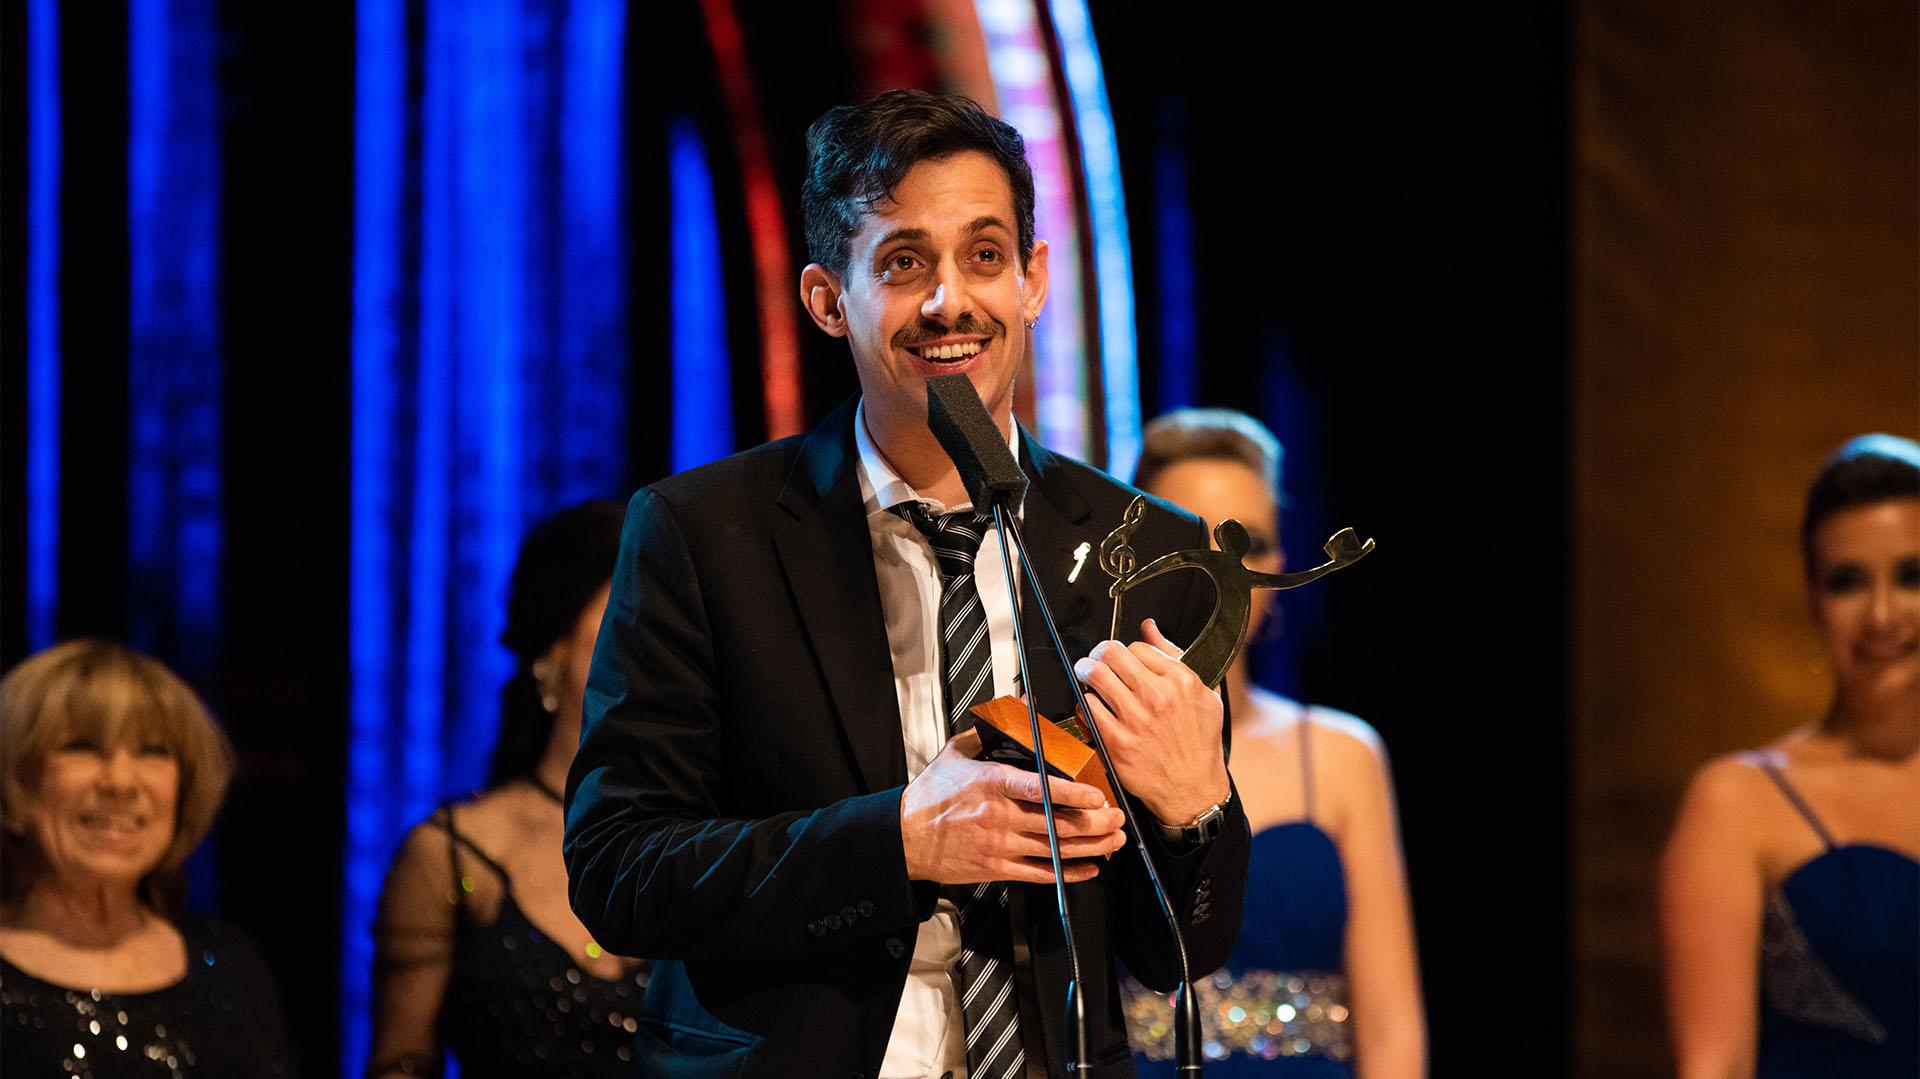 """Agustín """"Soy Rada"""" recibió su galardón en los Premios Hugo, en la categoría de Mejores letras de musical argentino (Foto: Franco Fafasuli)"""